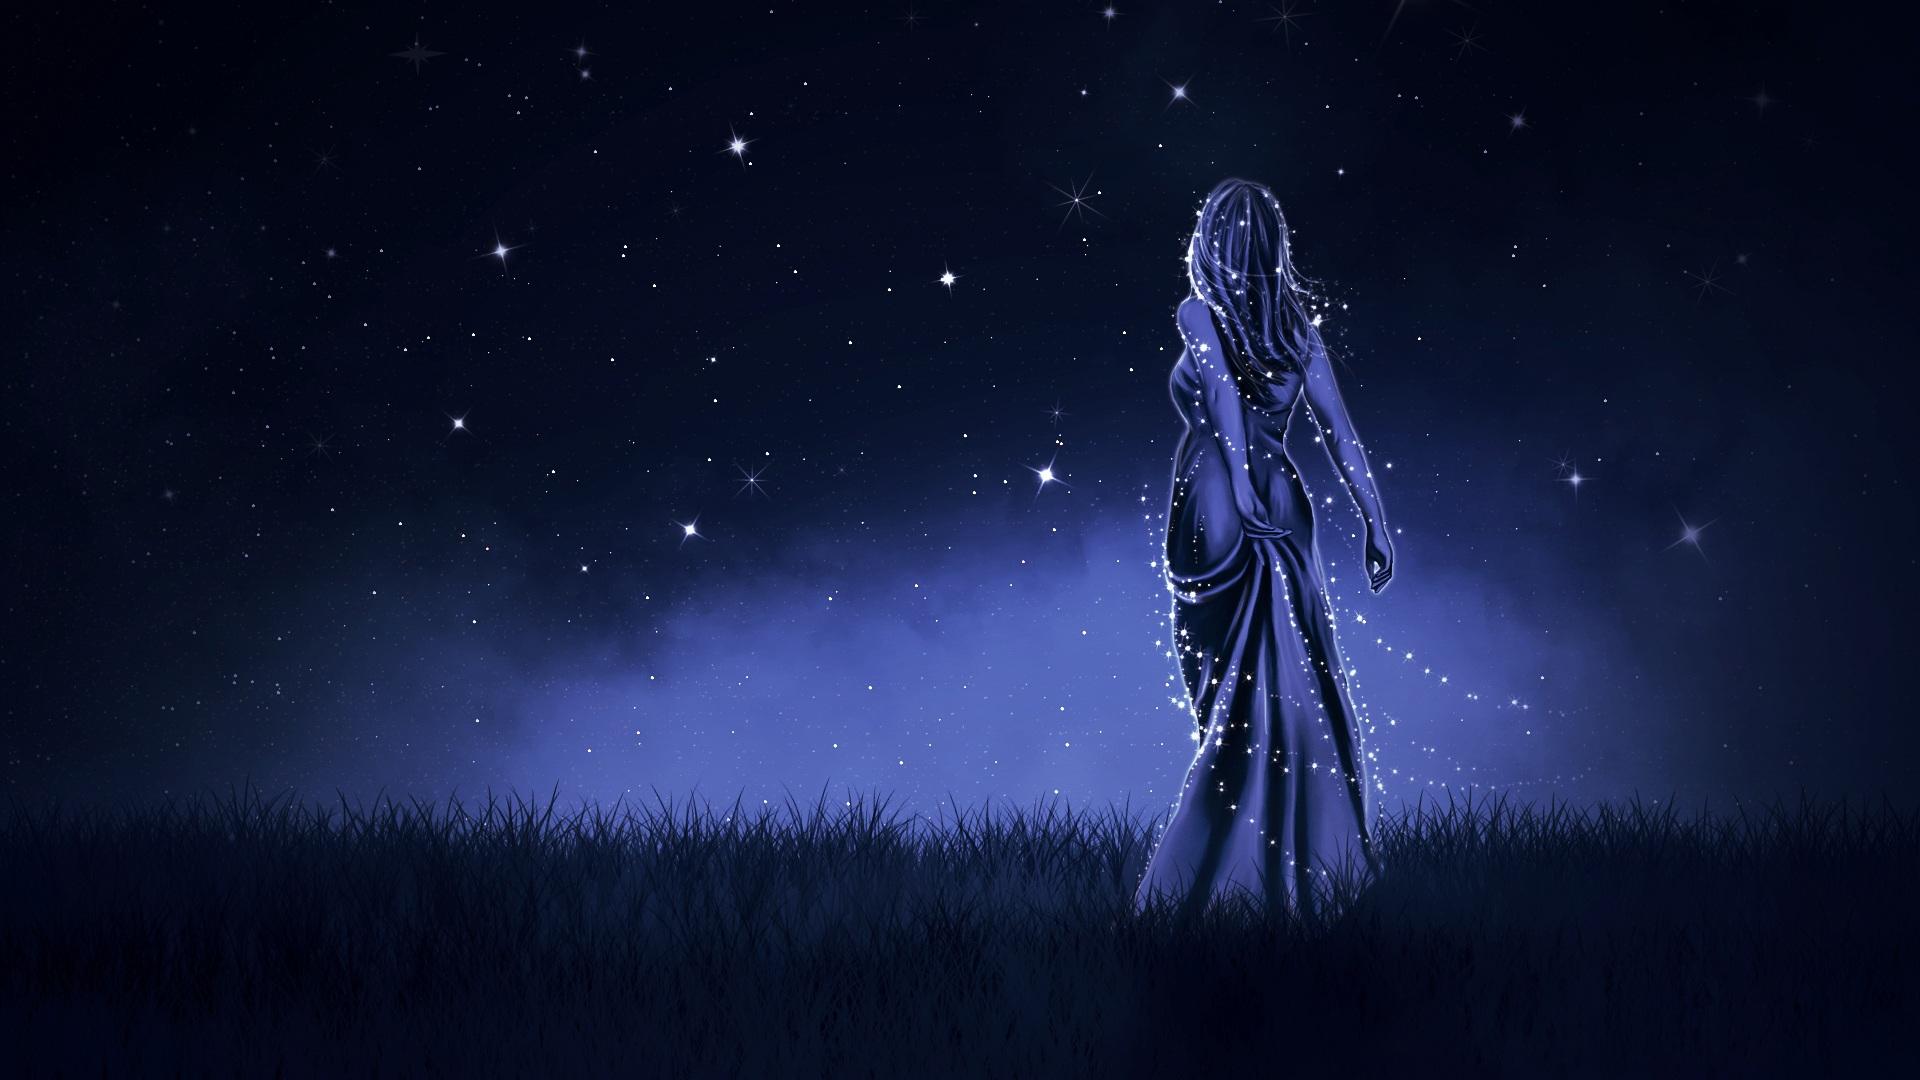 女の子, 夜, 空, つ星, ドレス - HD の壁紙 - 教授-falken.com